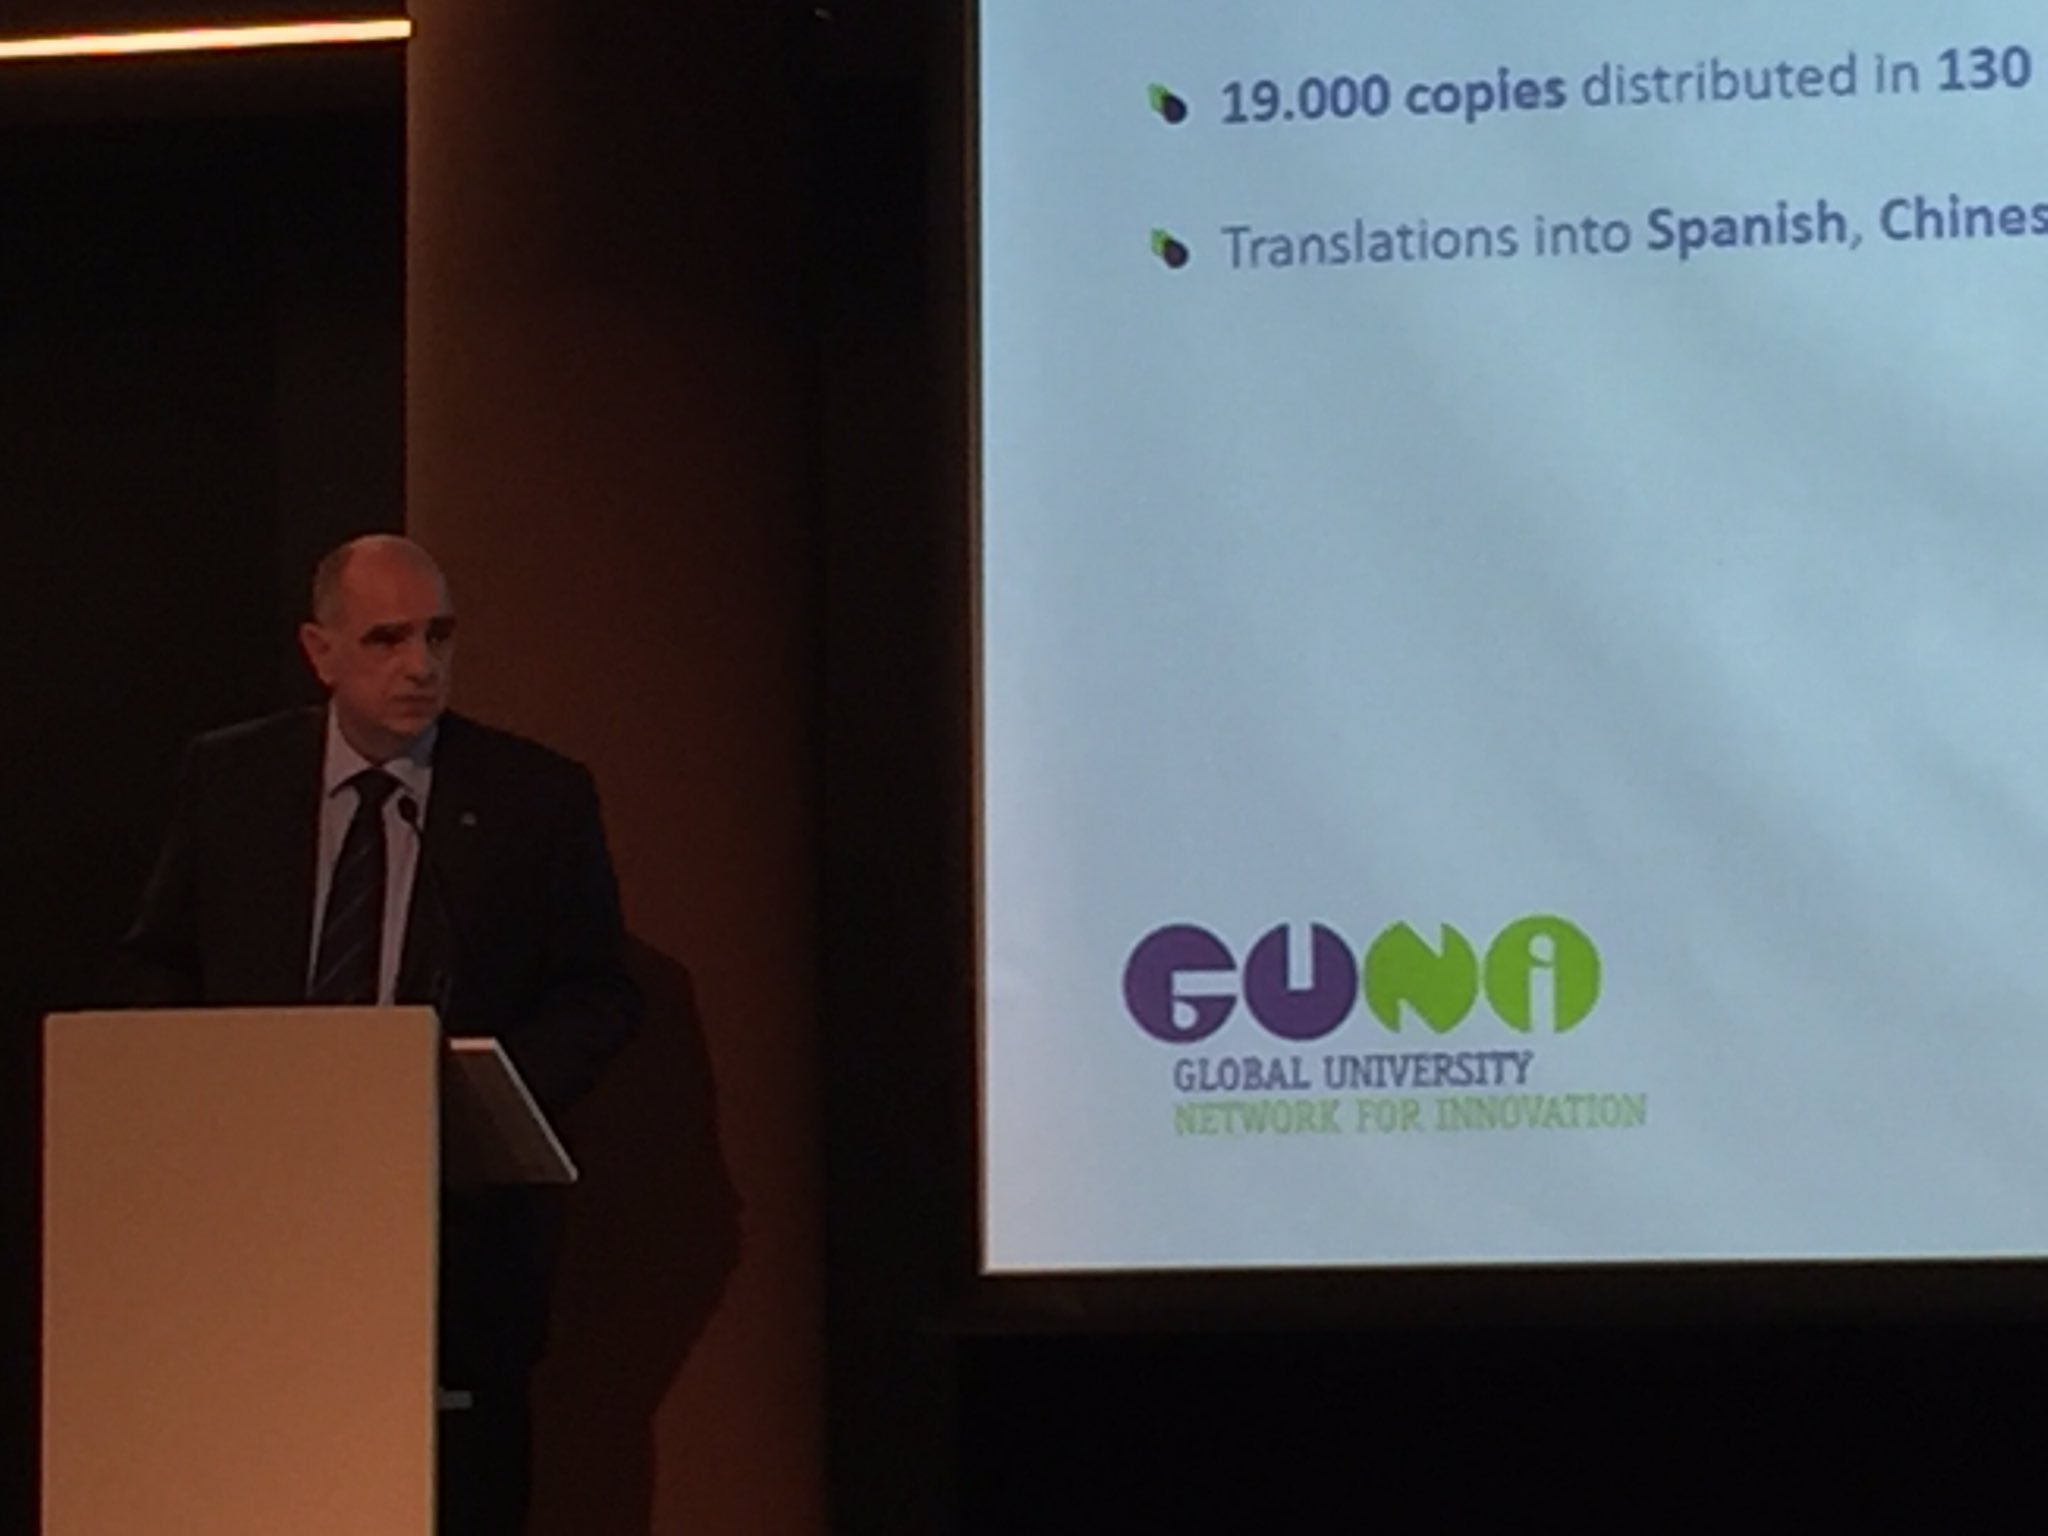 Presentació del 6è Informe Mundial en Educació a càrrec del seu director acadèmic @x_grauvidal #GUNIReport https://t.co/Tf3Bhpc4JK